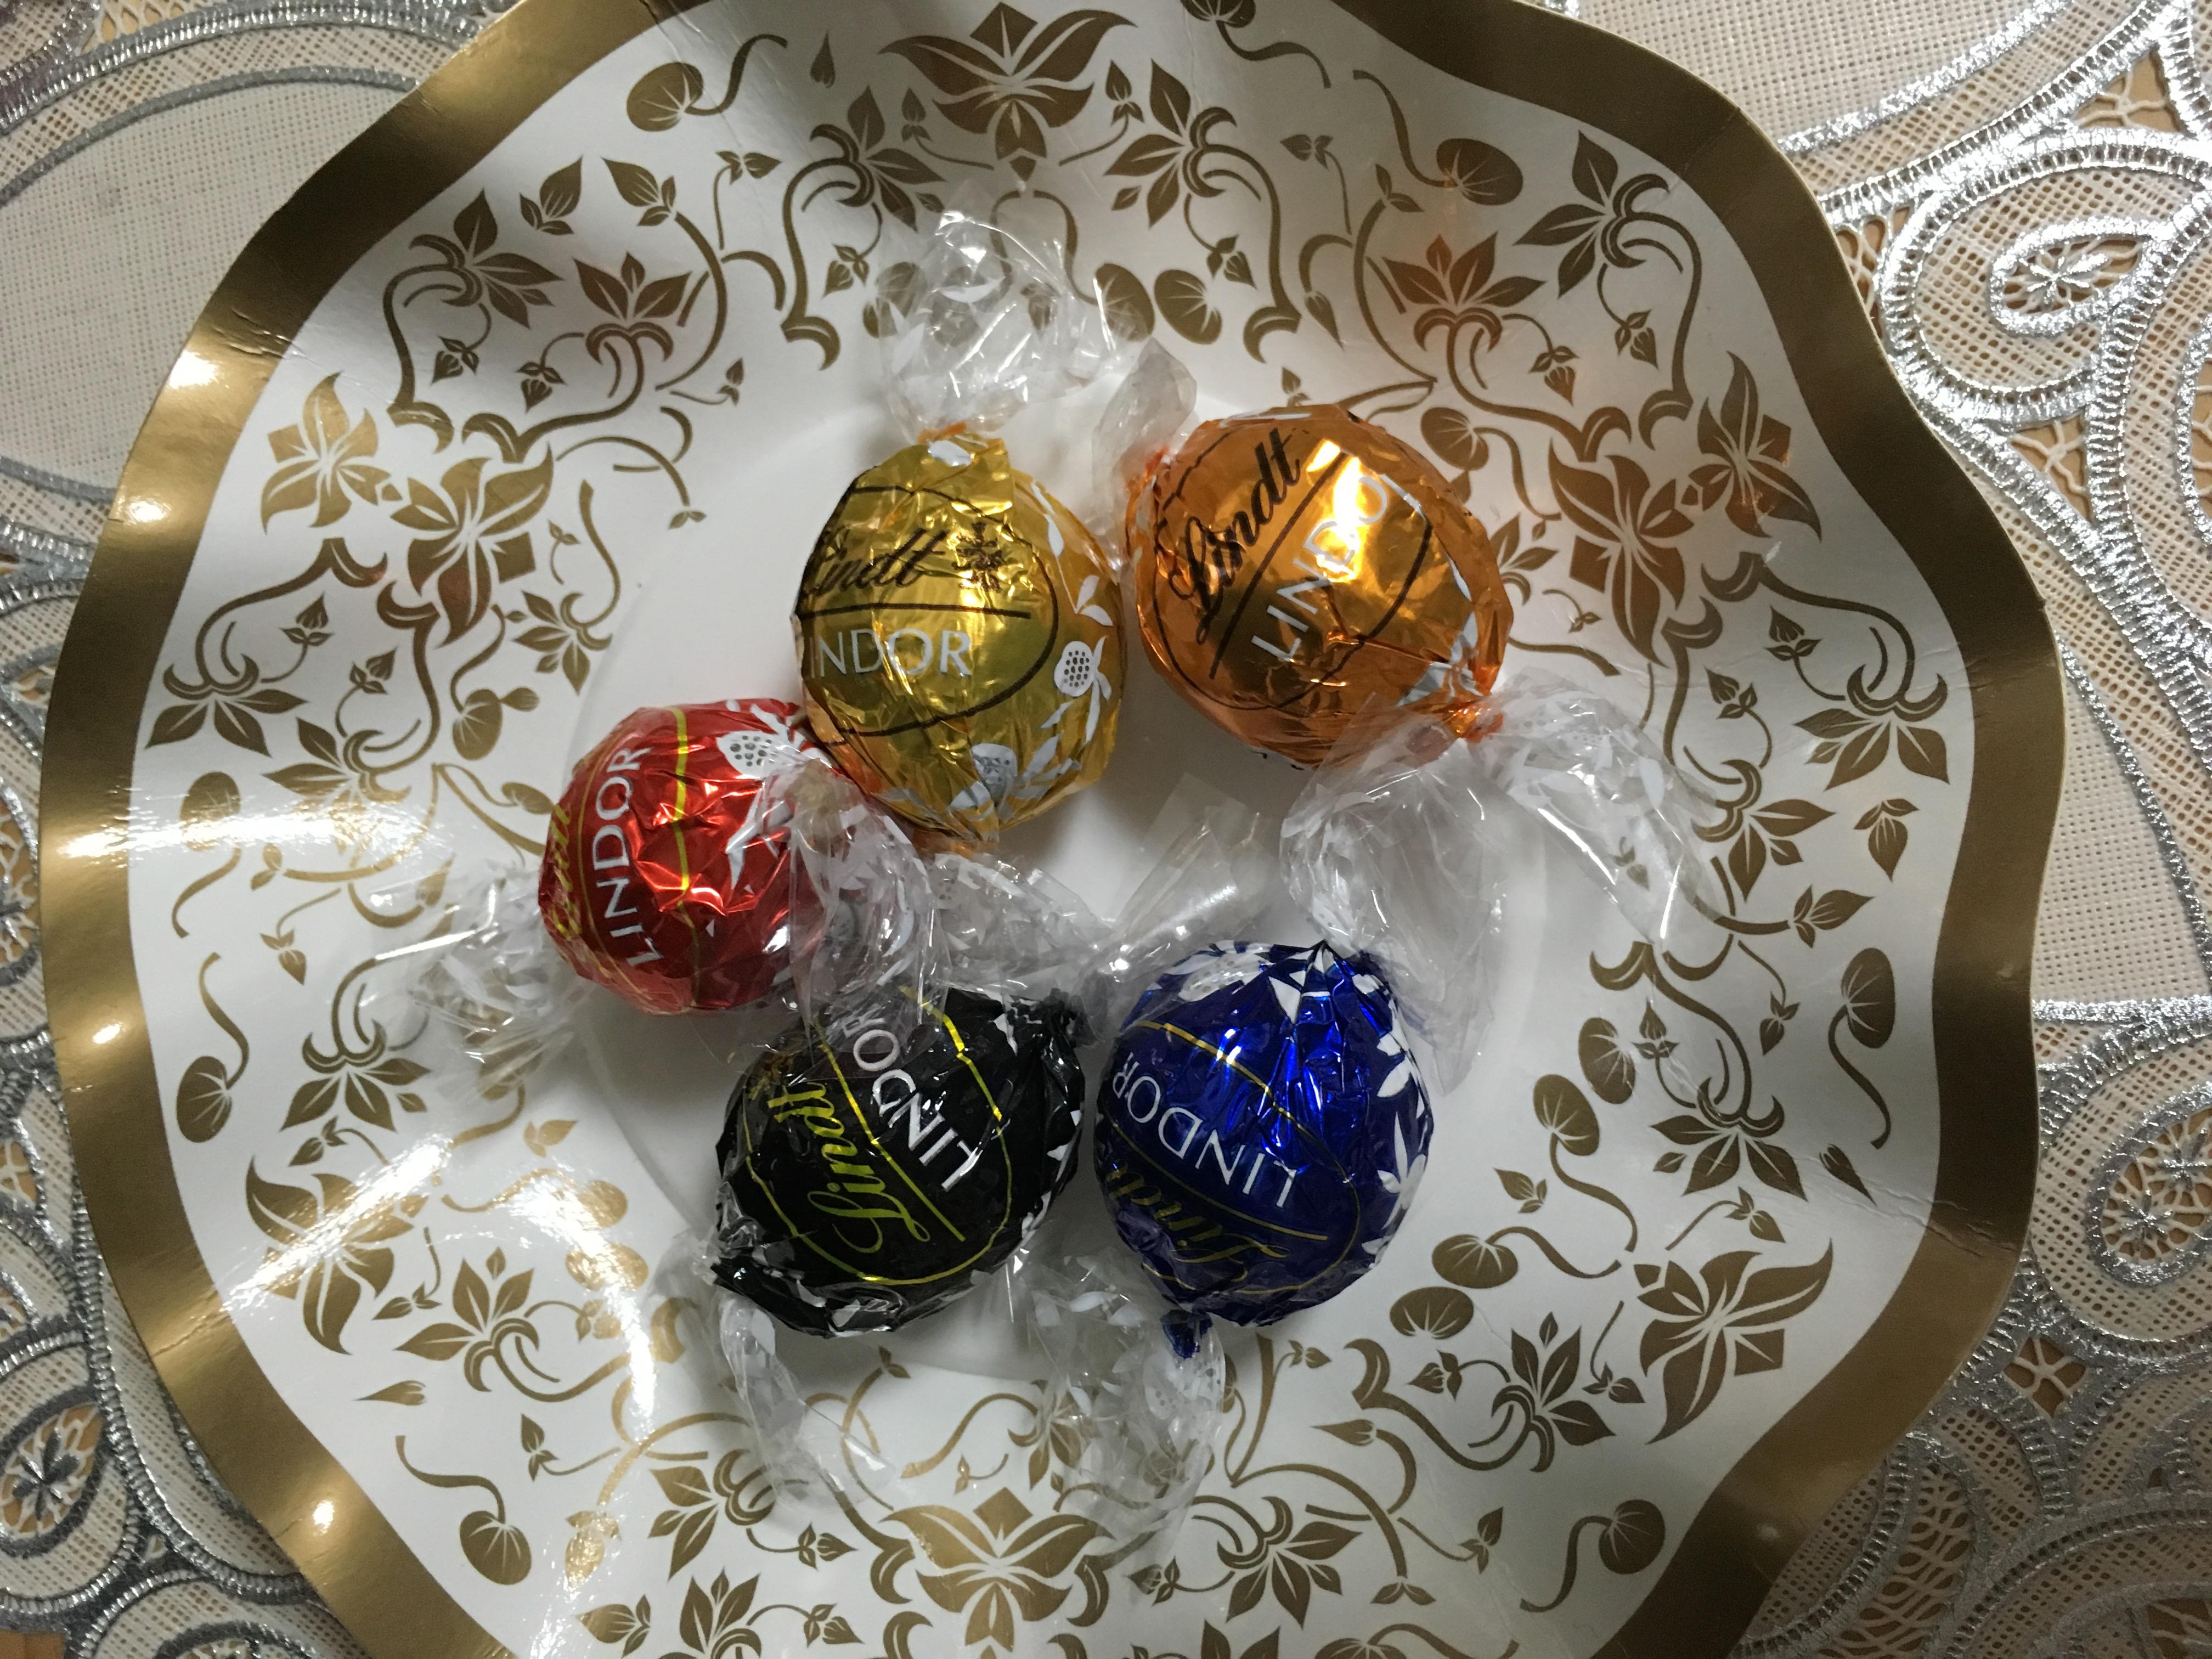 リンドールチョコレートをお得にゲット!バレンタインにも【コストコ】